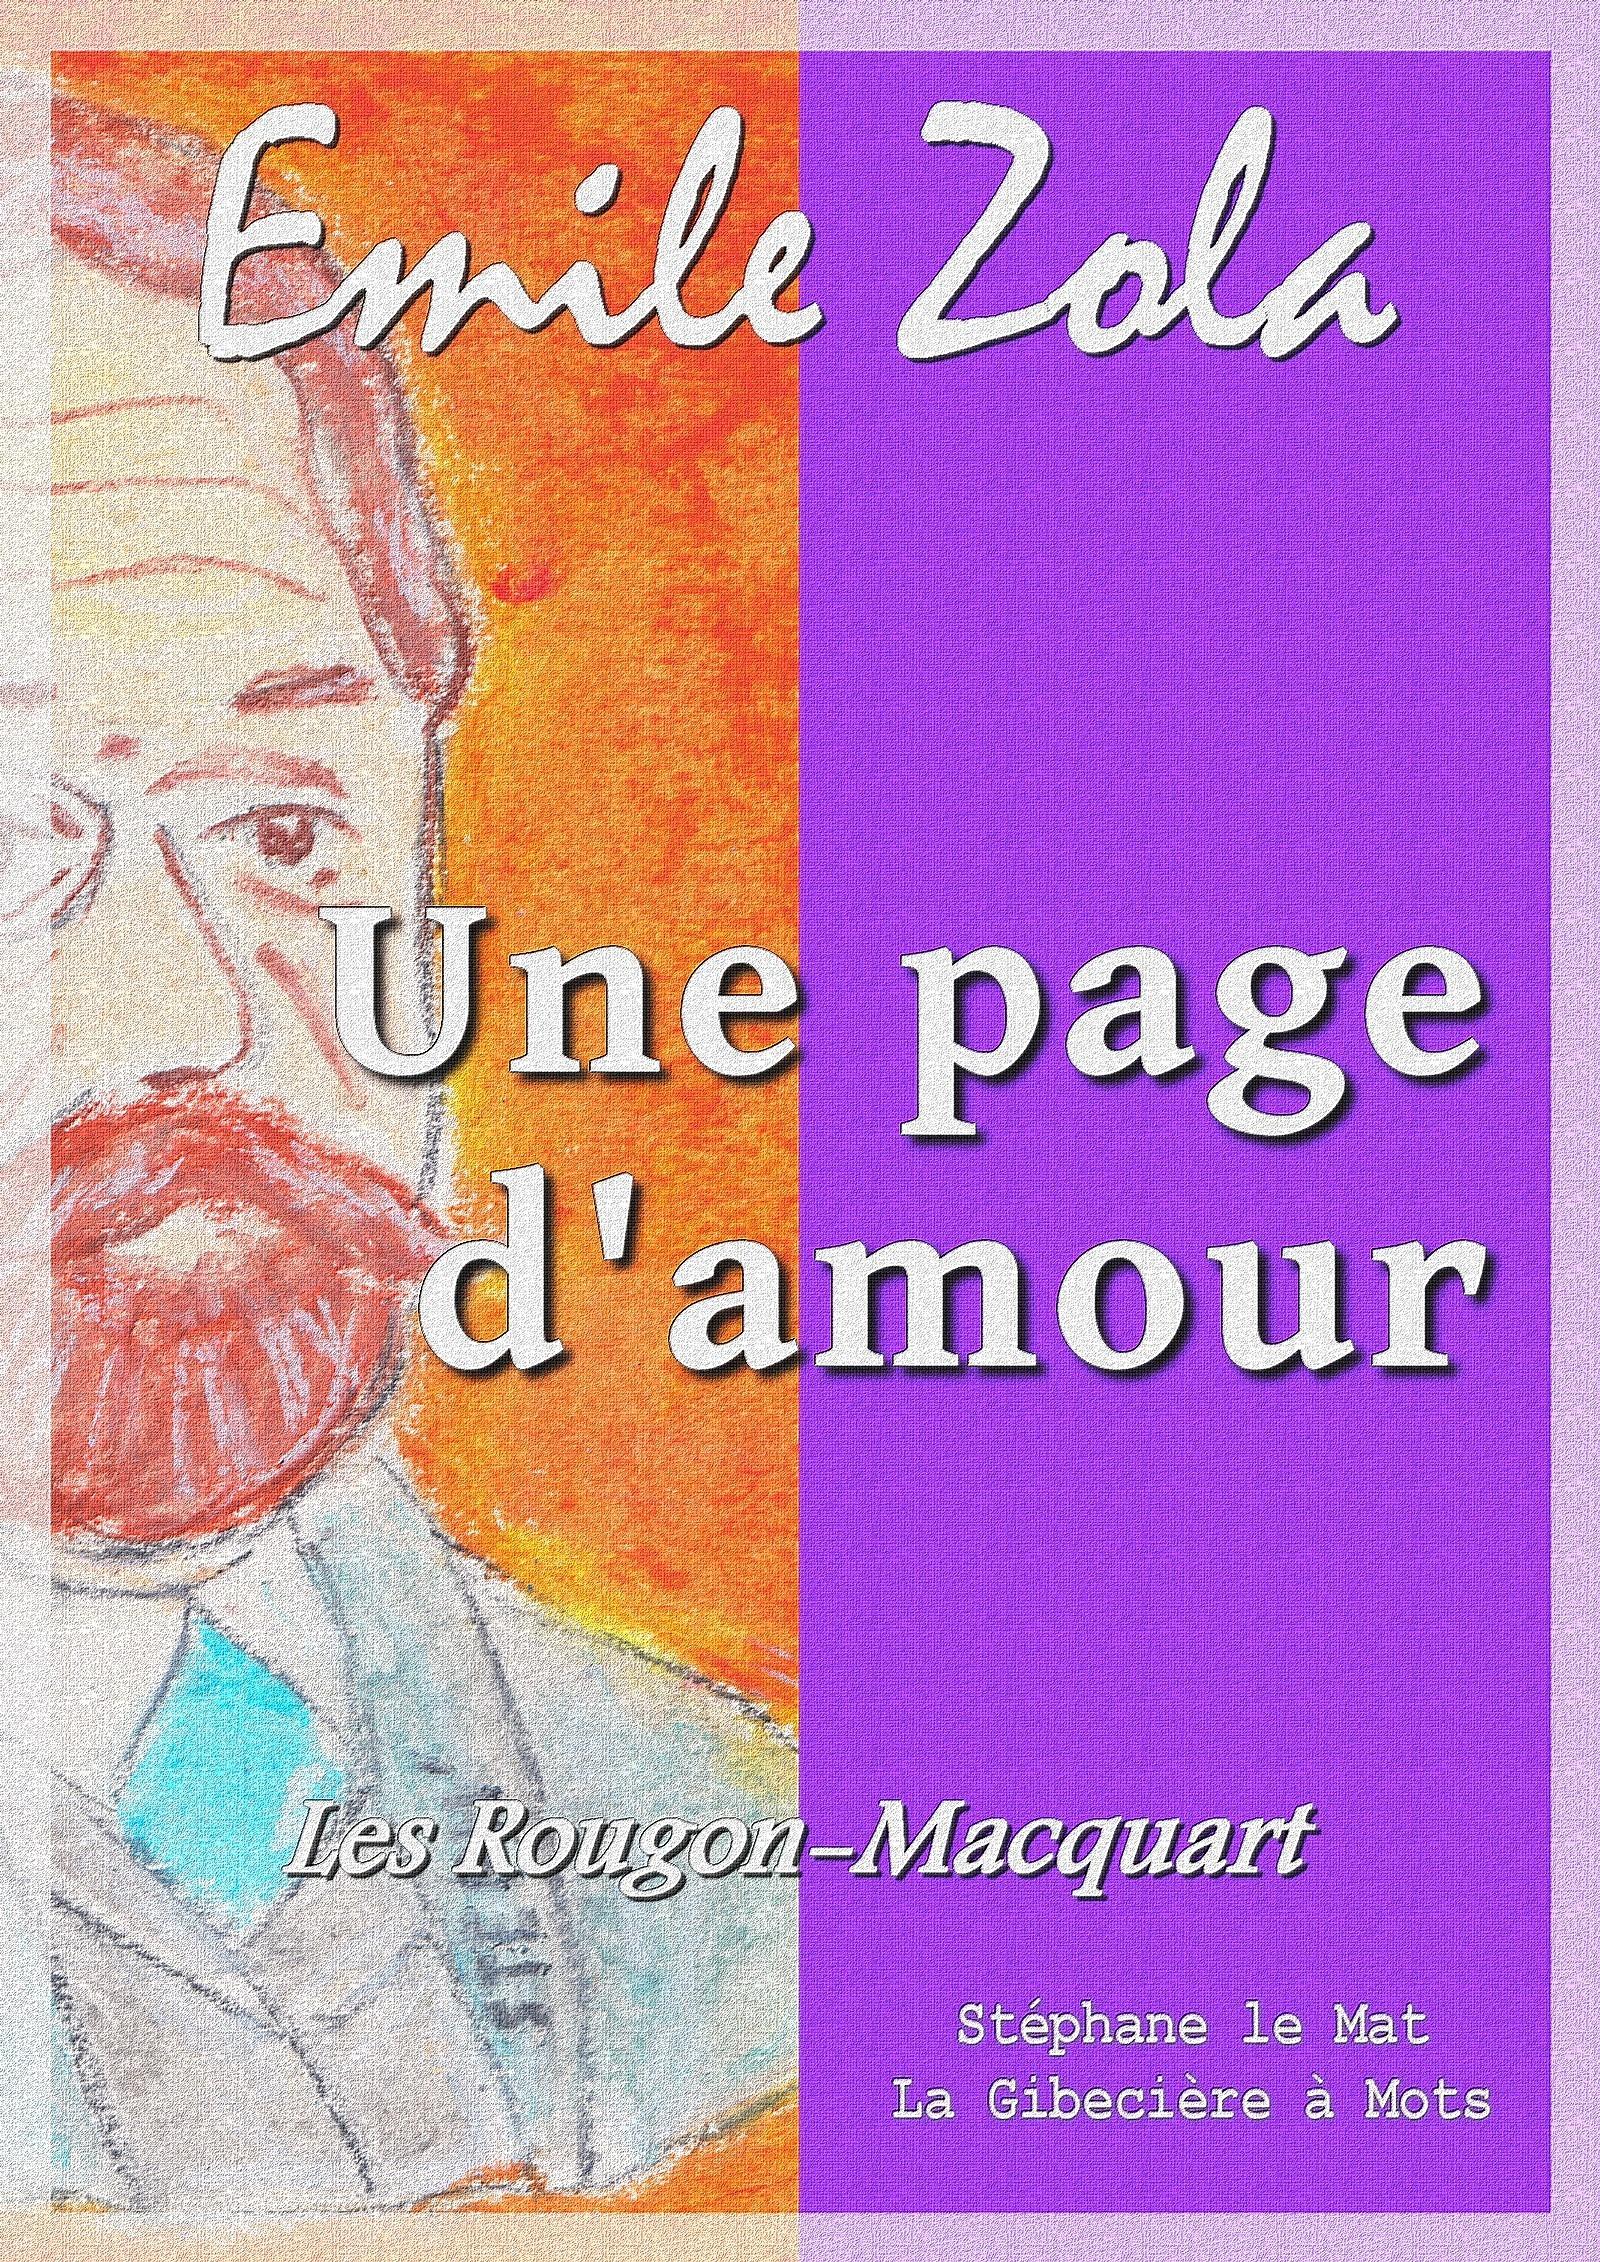 Une page d'amour, LES ROUGON-MACQUART 8/20